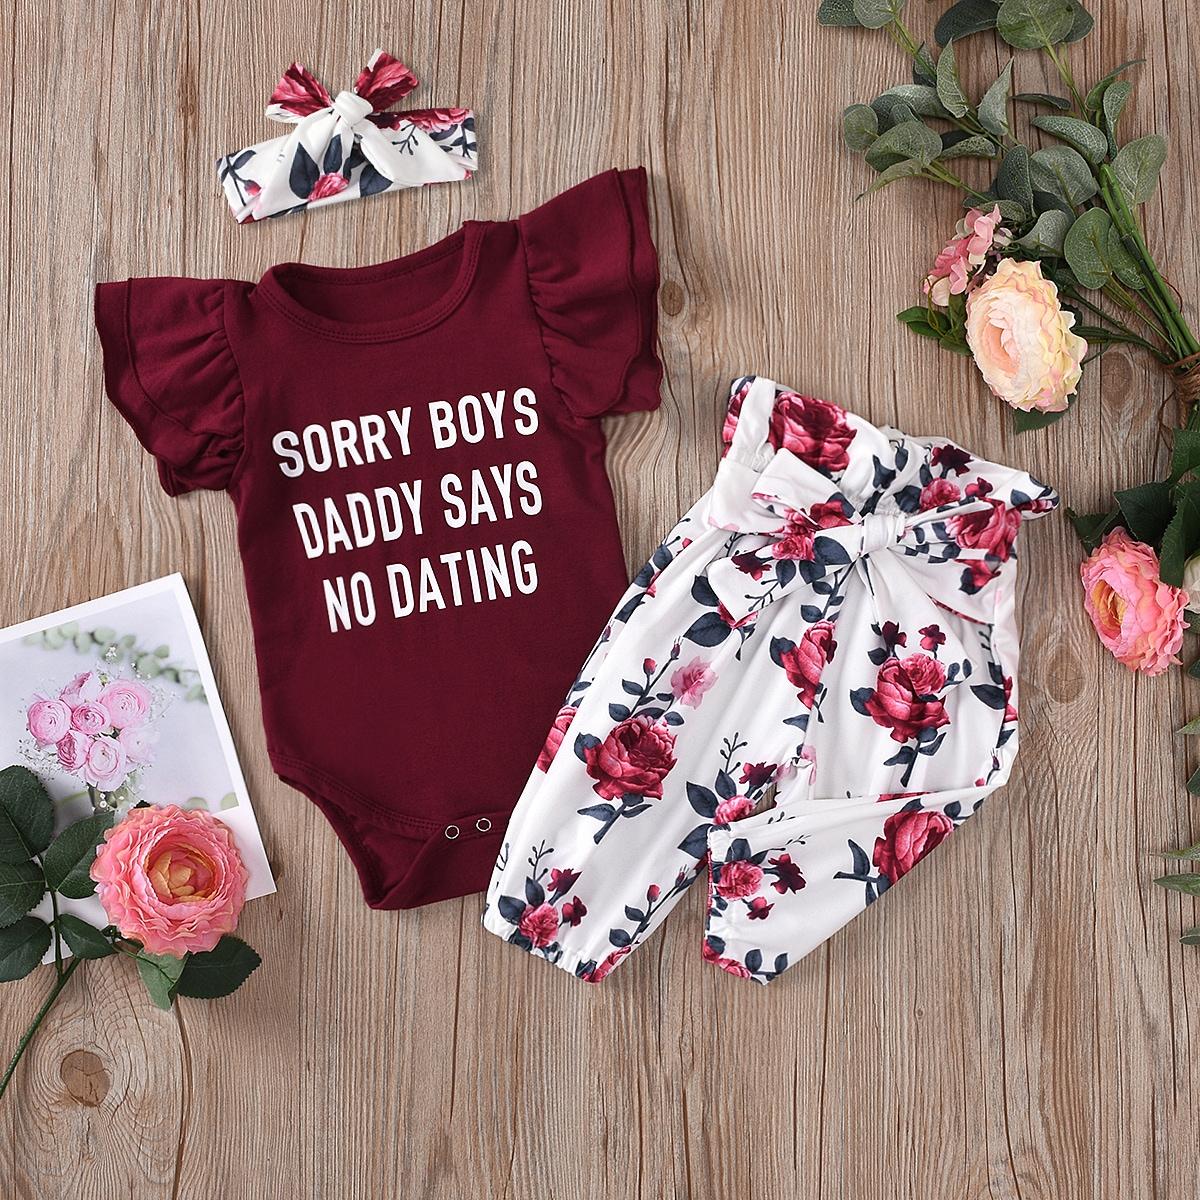 Боди с текстовым принтом и брюки с цветочным принтом для девочек фото